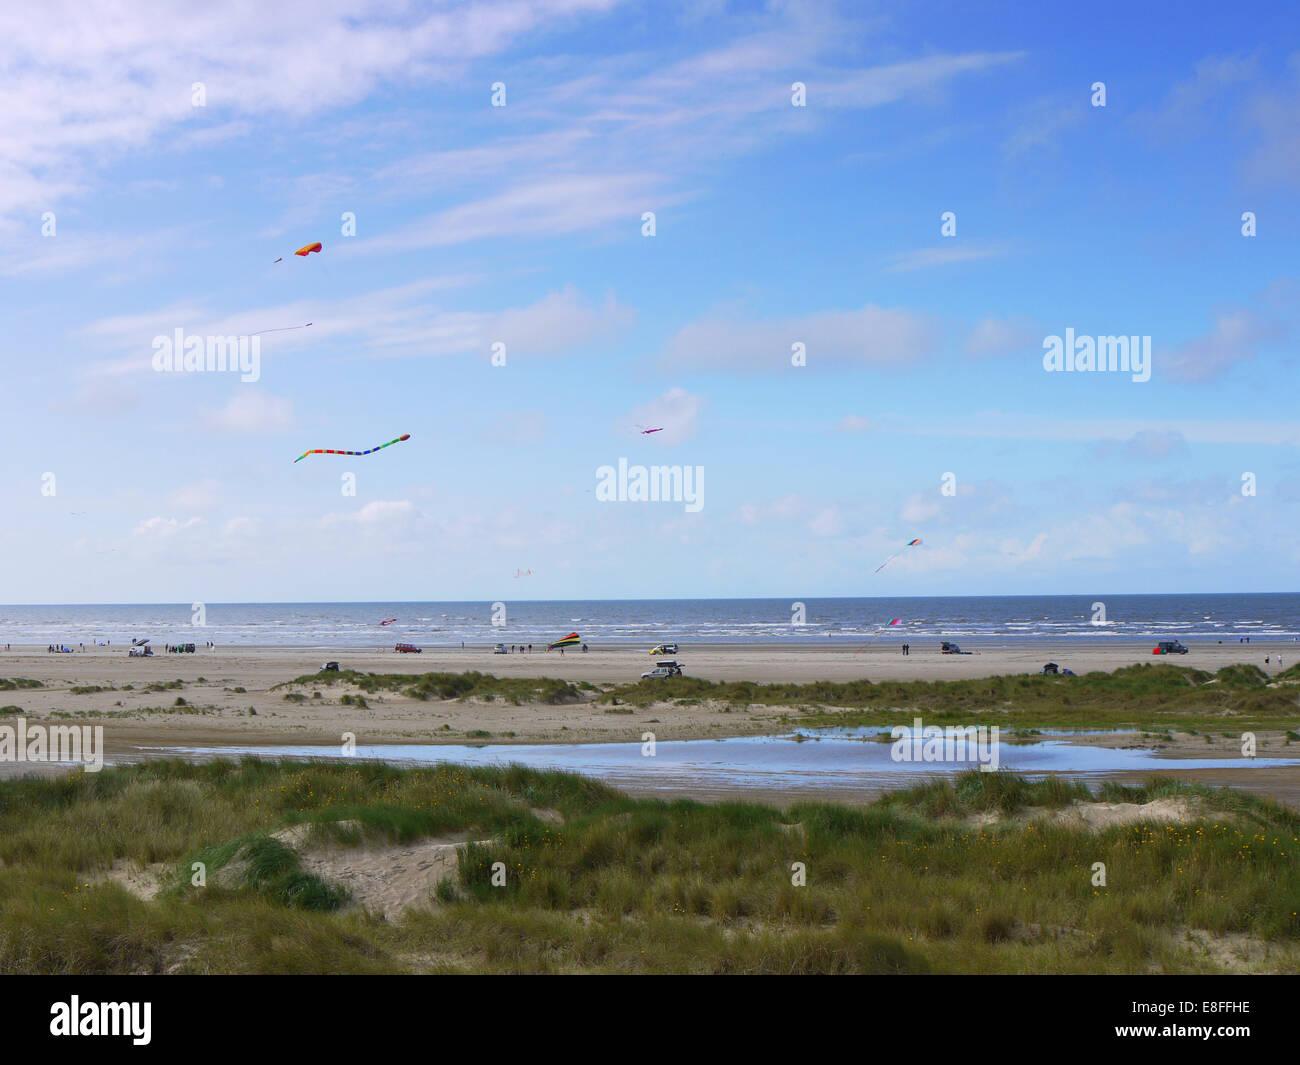 Kites on Rindby Beach, Fanoe, Denmark - Stock Image